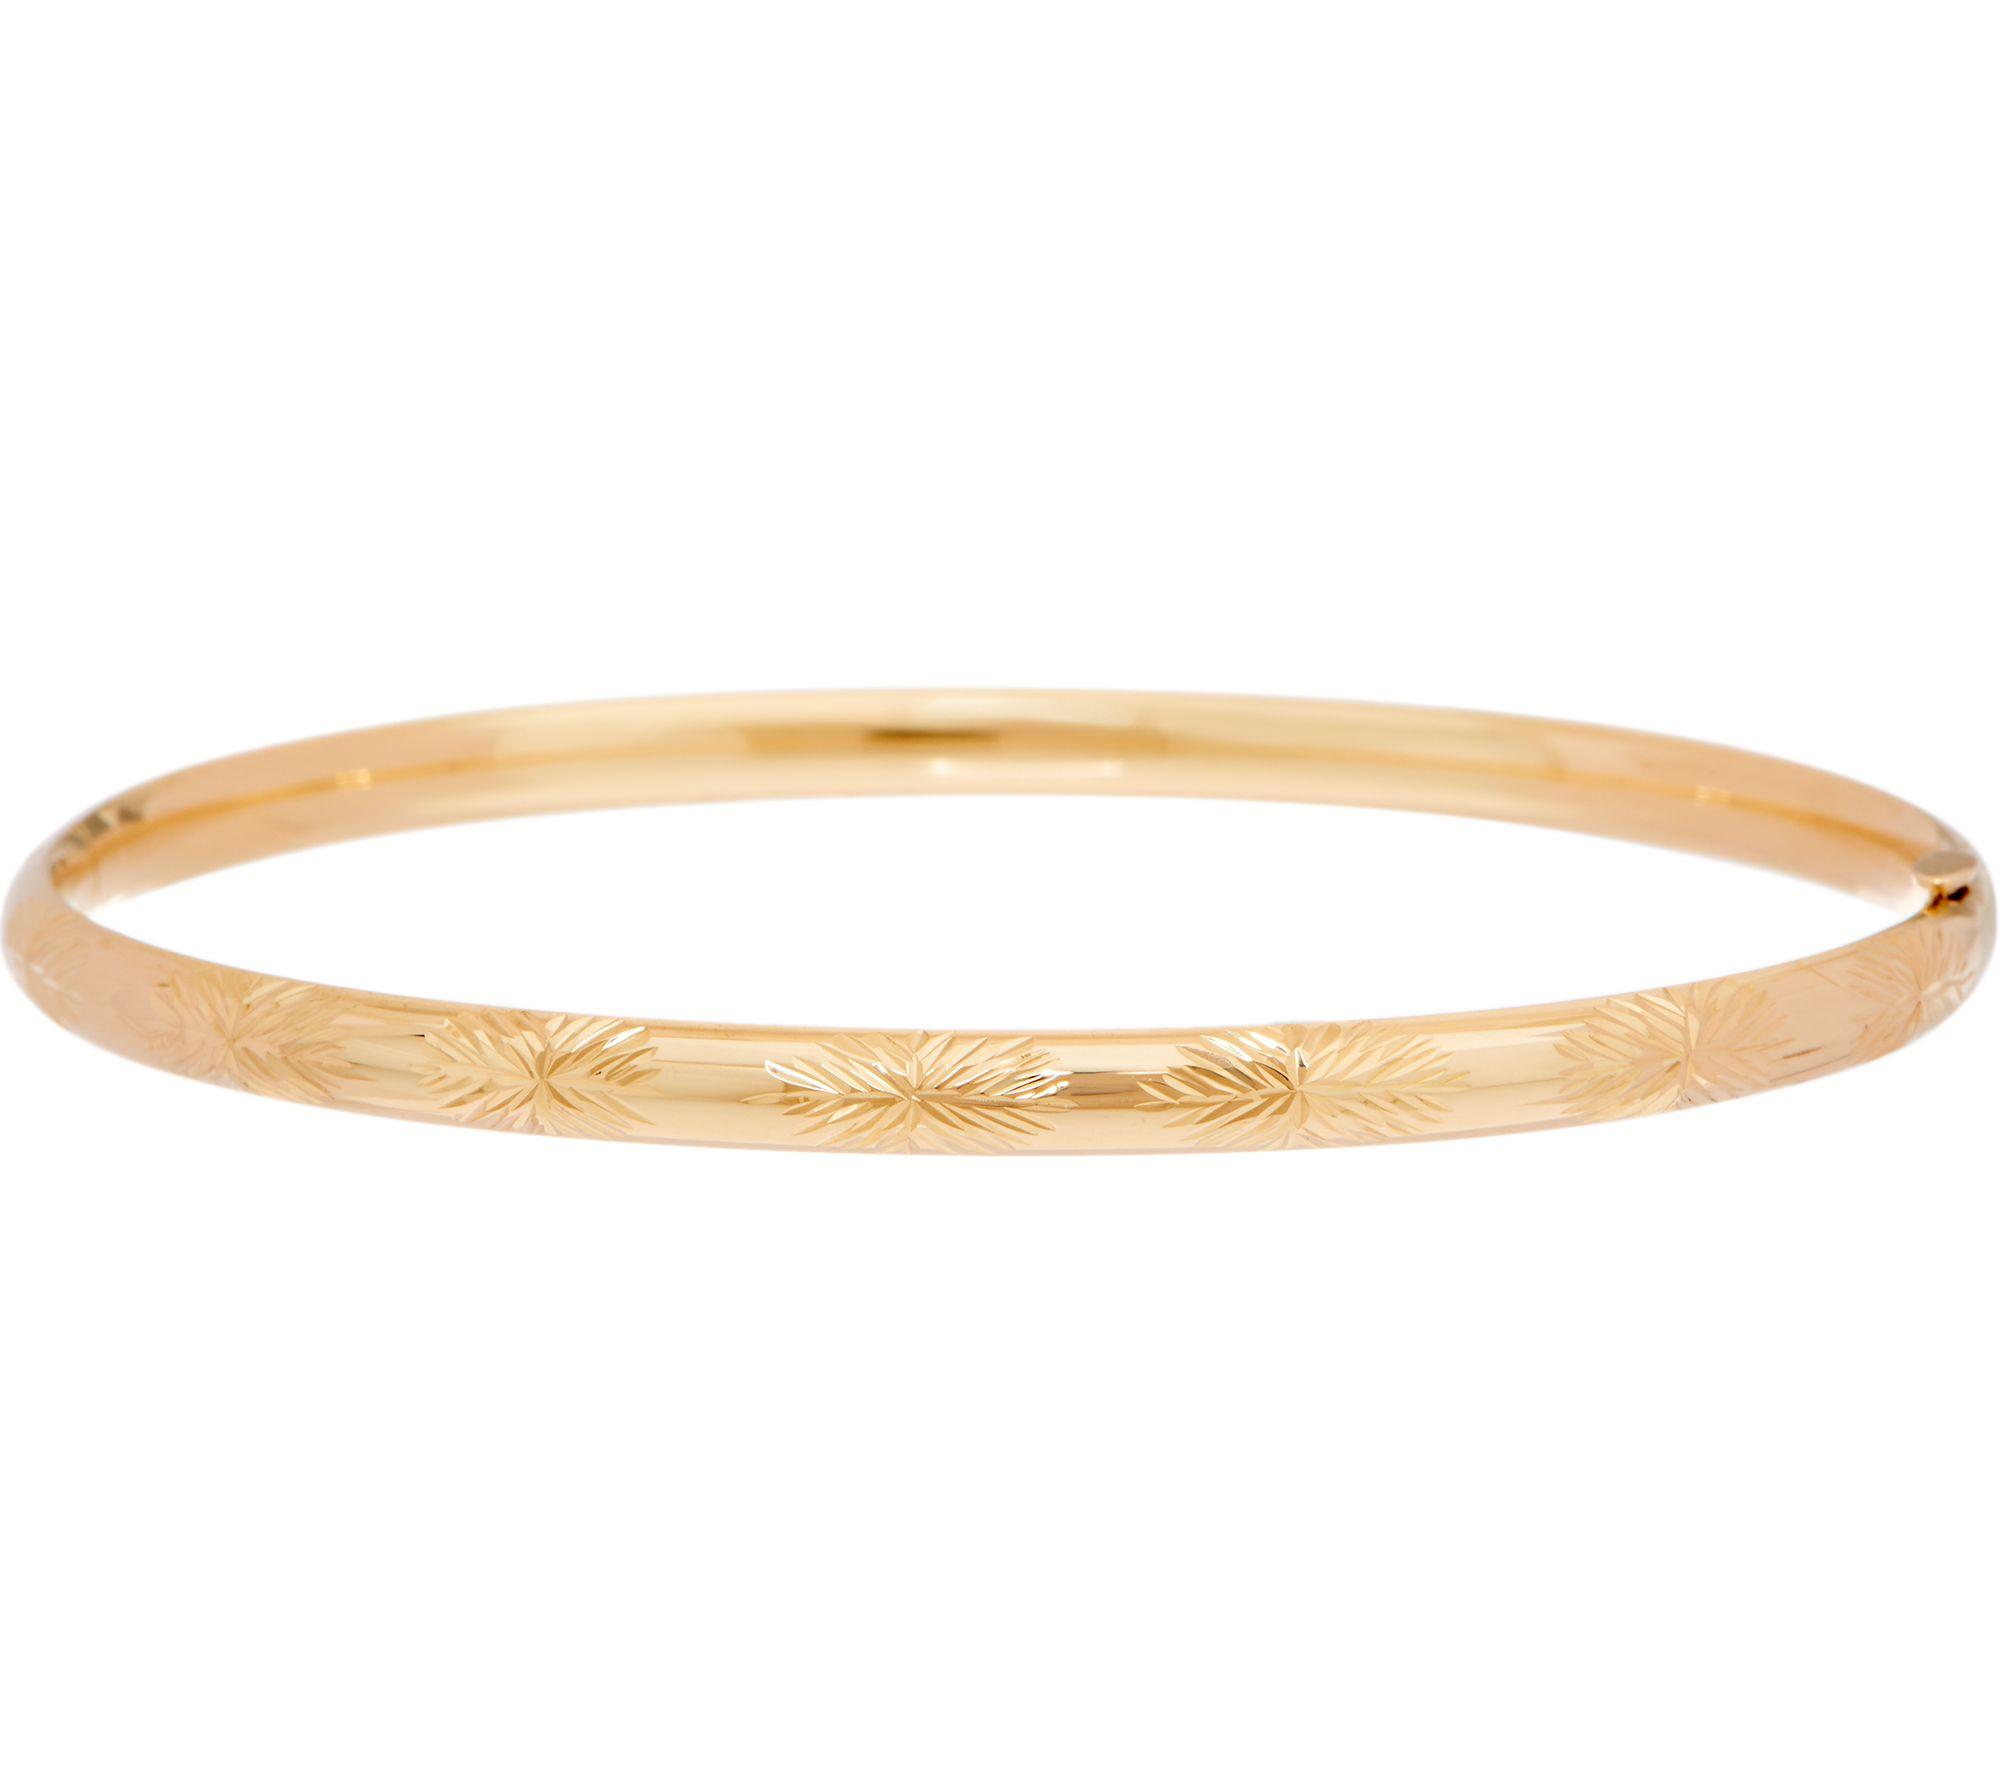 Eternagold Bangle Bracelet 14k Gold Qvc